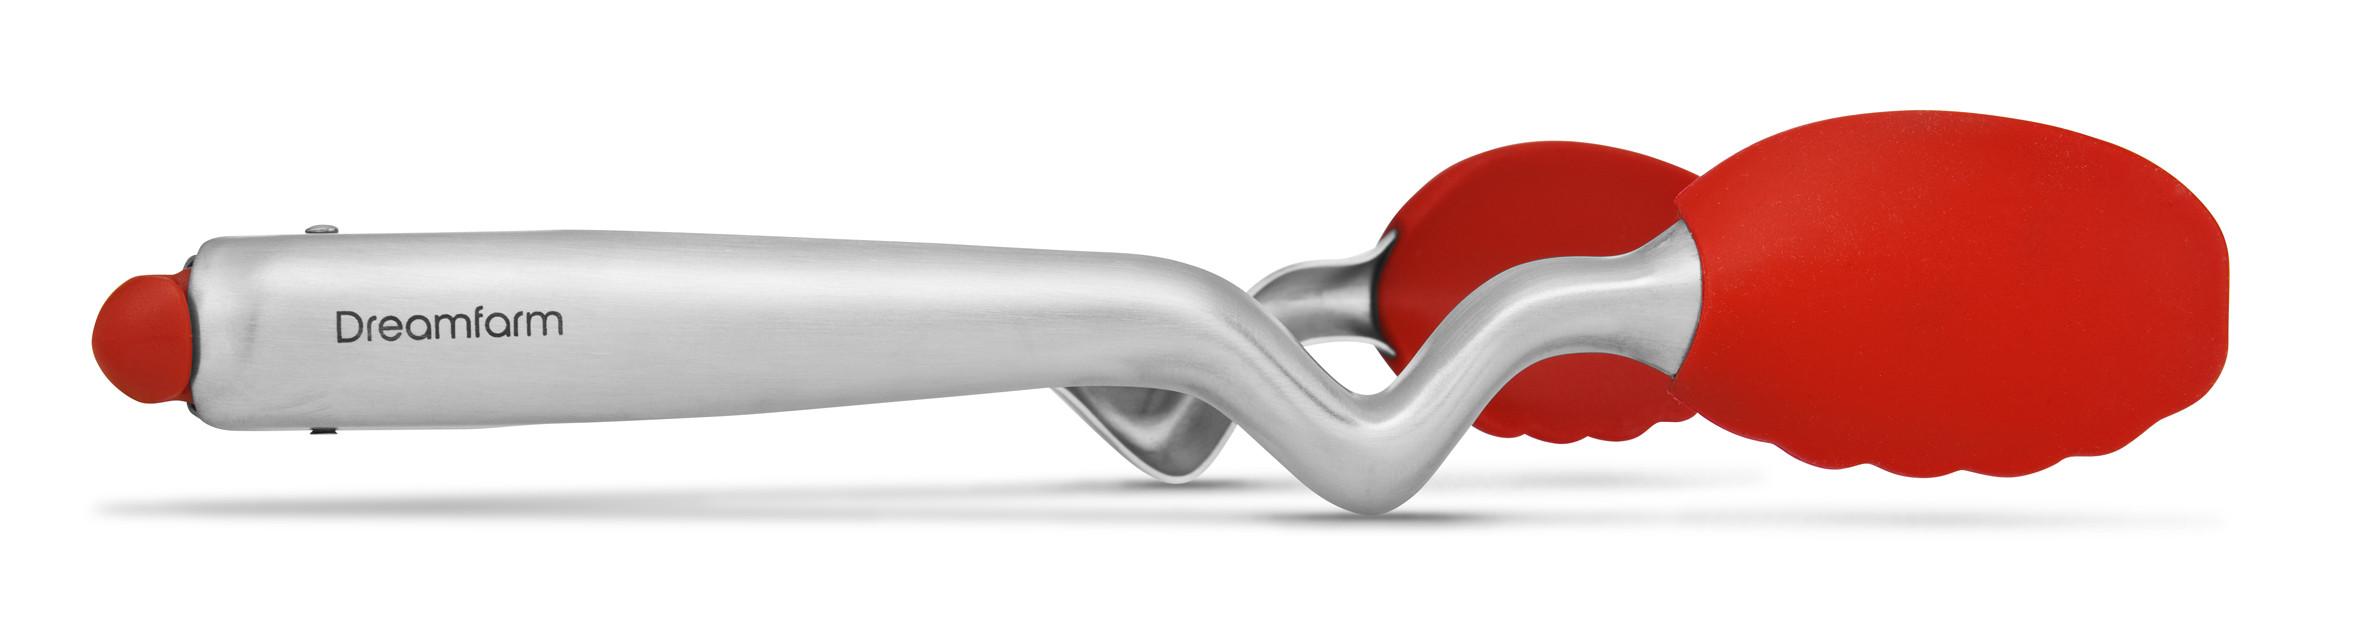 Clongs - Pince verrouillable silicone avec reposoir intégré